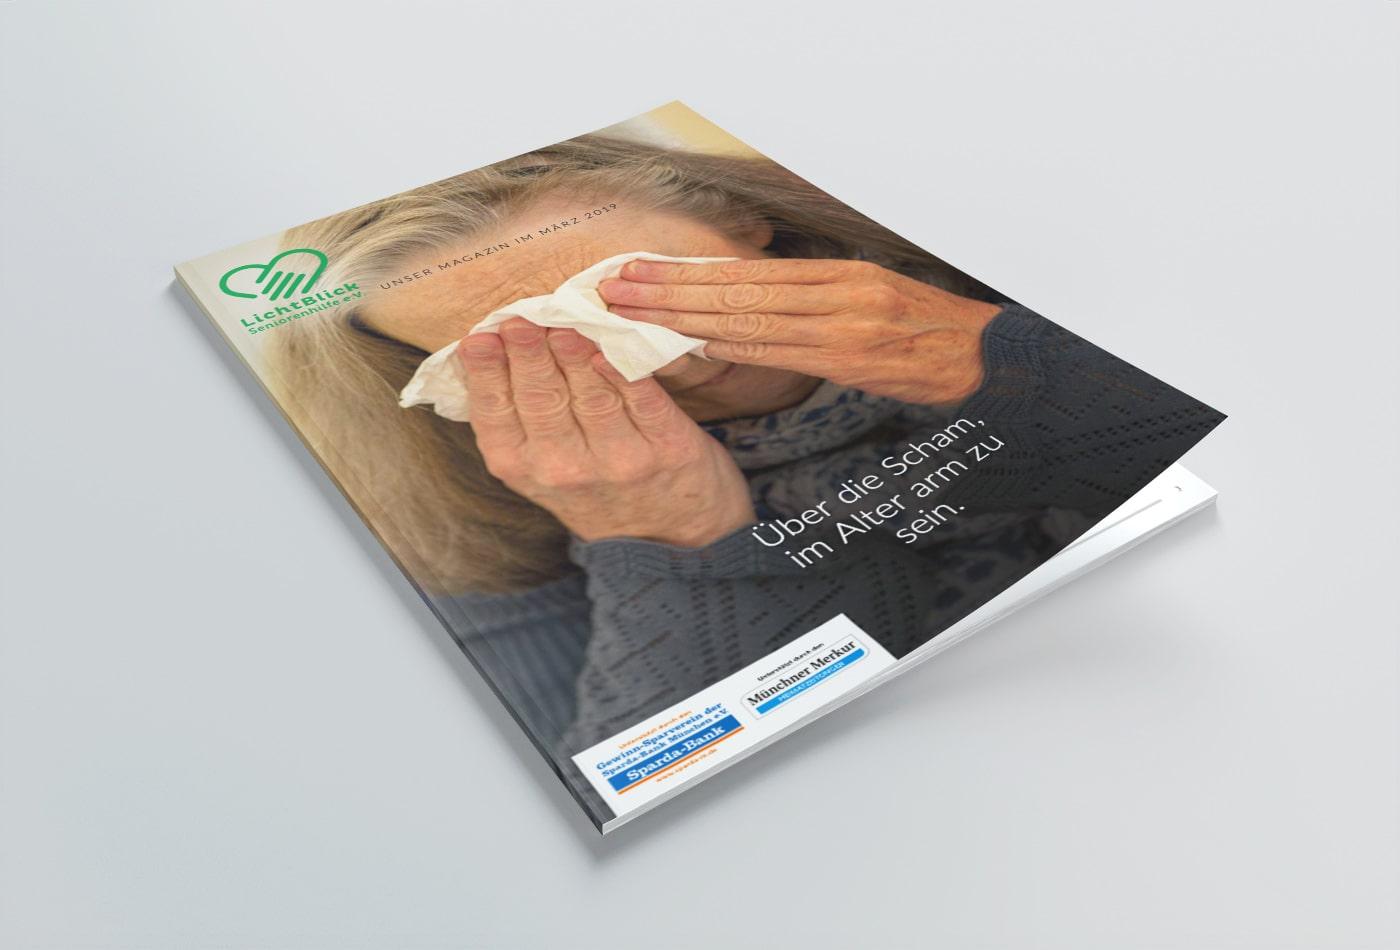 wildefreunde-kunde-lichtblick-magazin-1400x950-min